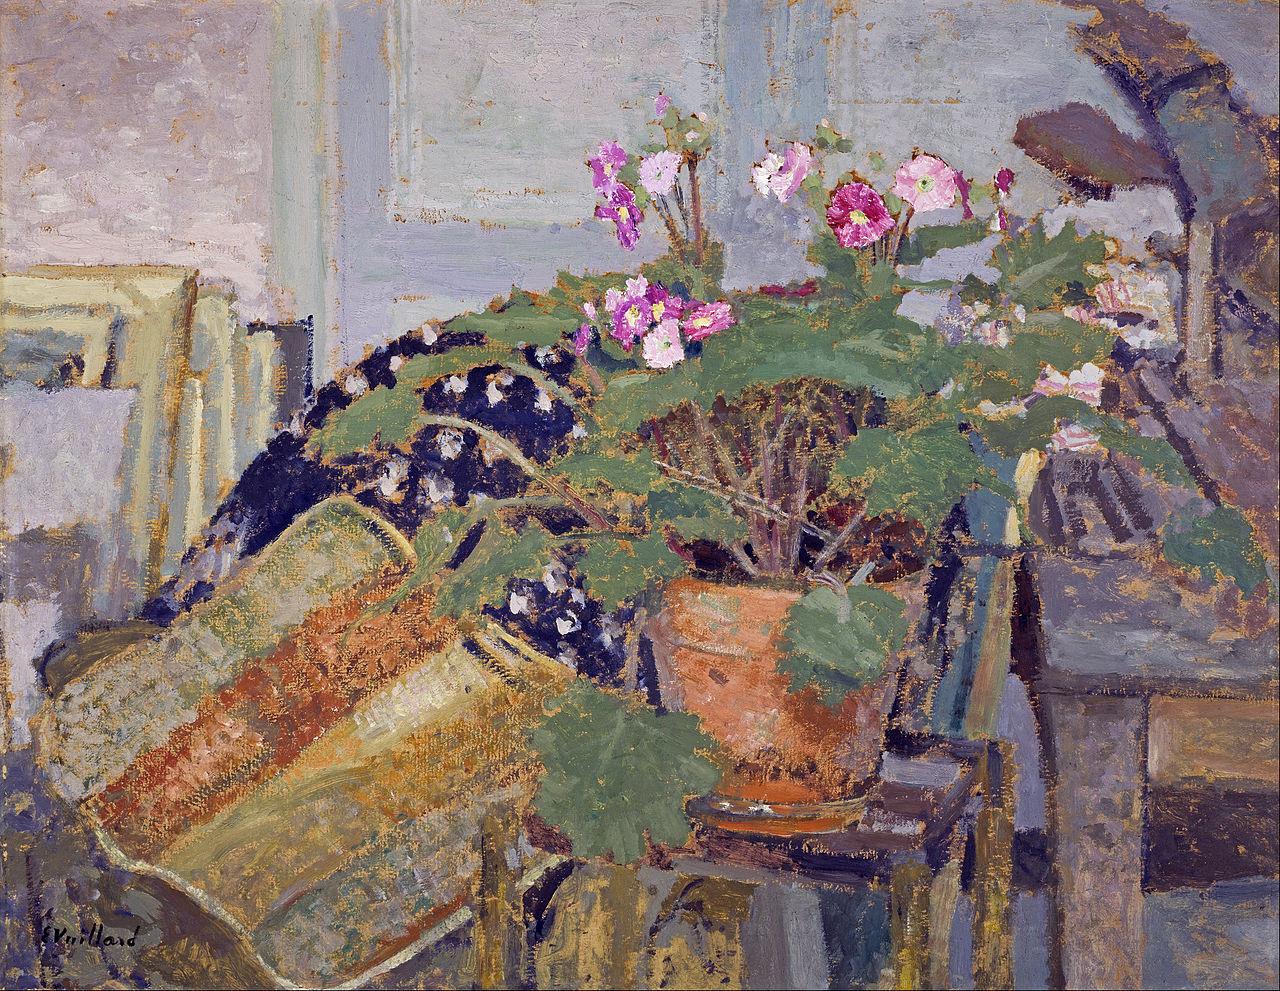 1280px-Edouard_Vuillard_-_Le_Pot_de_fleurs_(Pot_of_Flowers)_-_Google_Art_Project.jpg